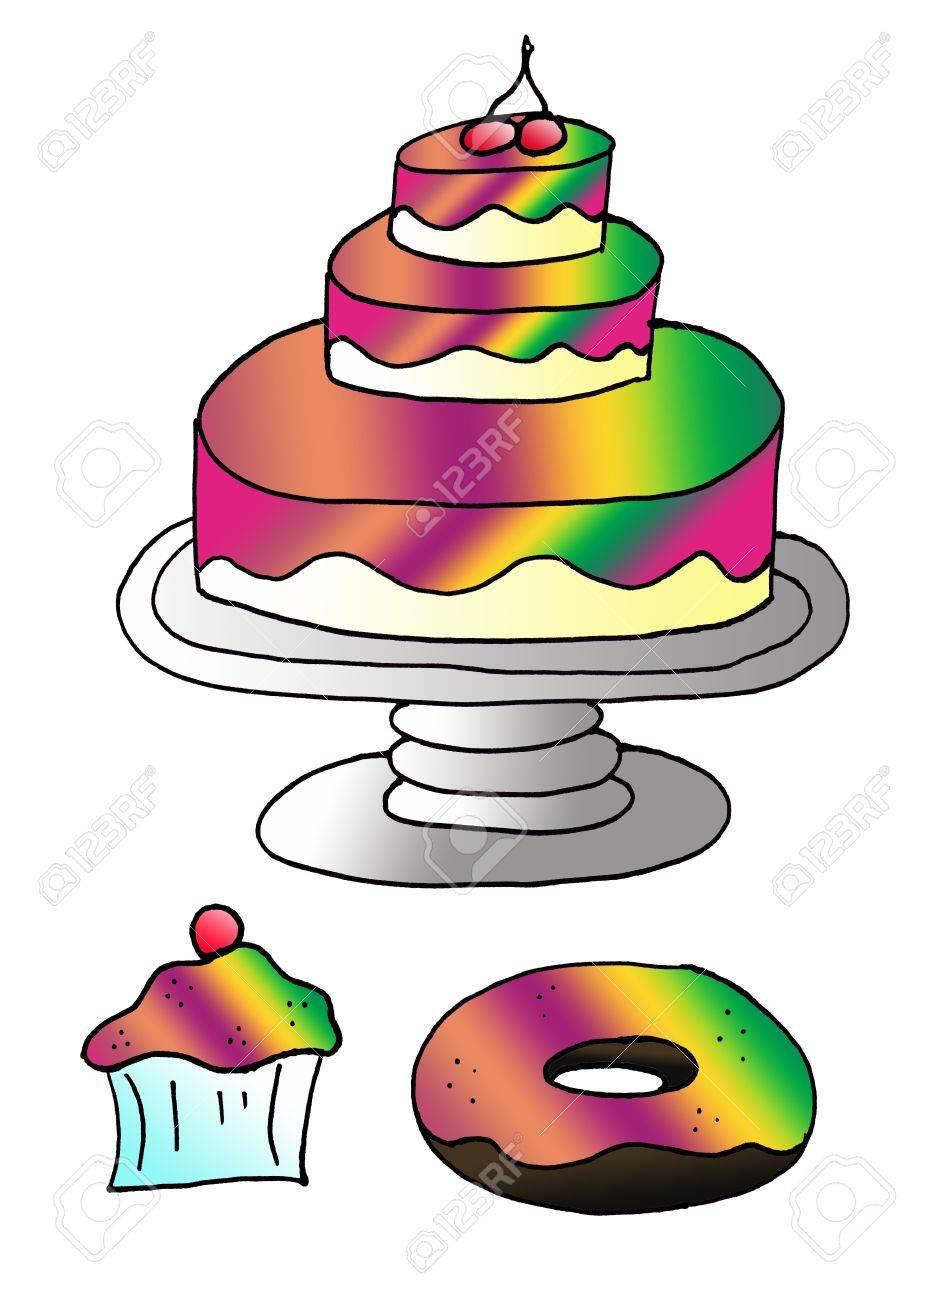 Veranschaulicht Ein Cupcake Ein Kuchen Und Ein Donut Fur Colorful